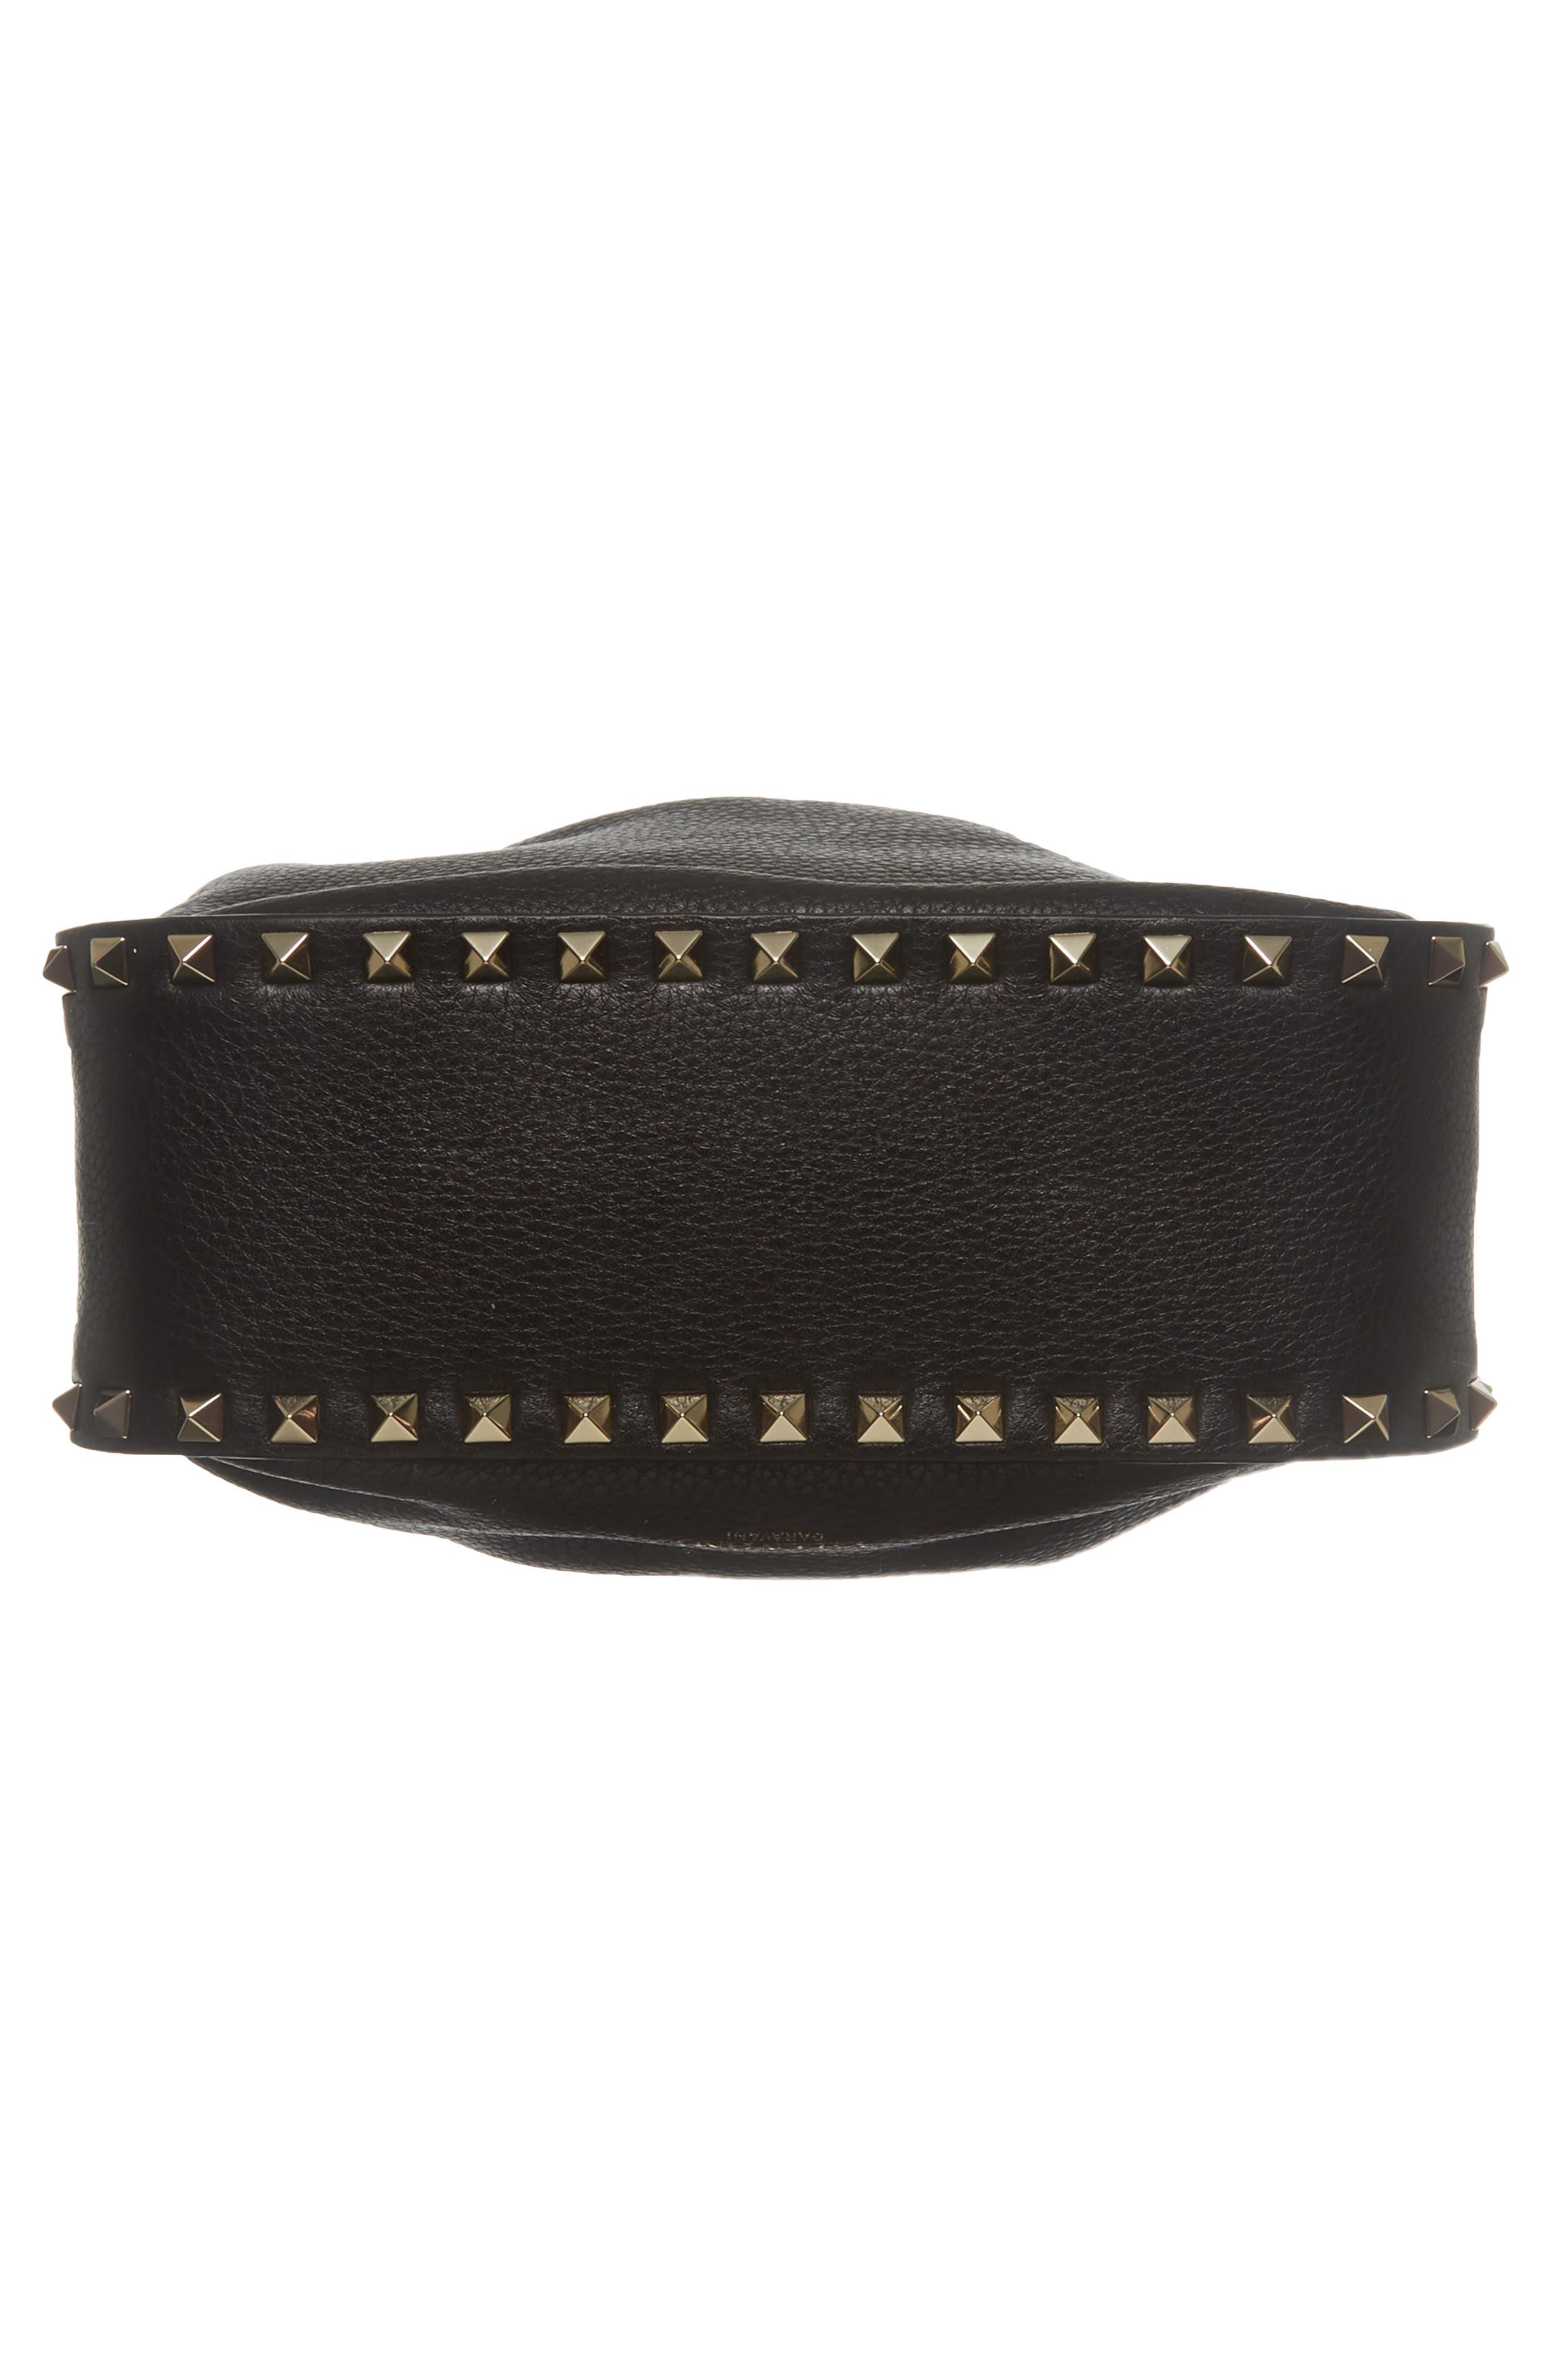 Large Rockstud Leather Bucket Bag,                             Alternate thumbnail 6, color,                             Black/ Gold